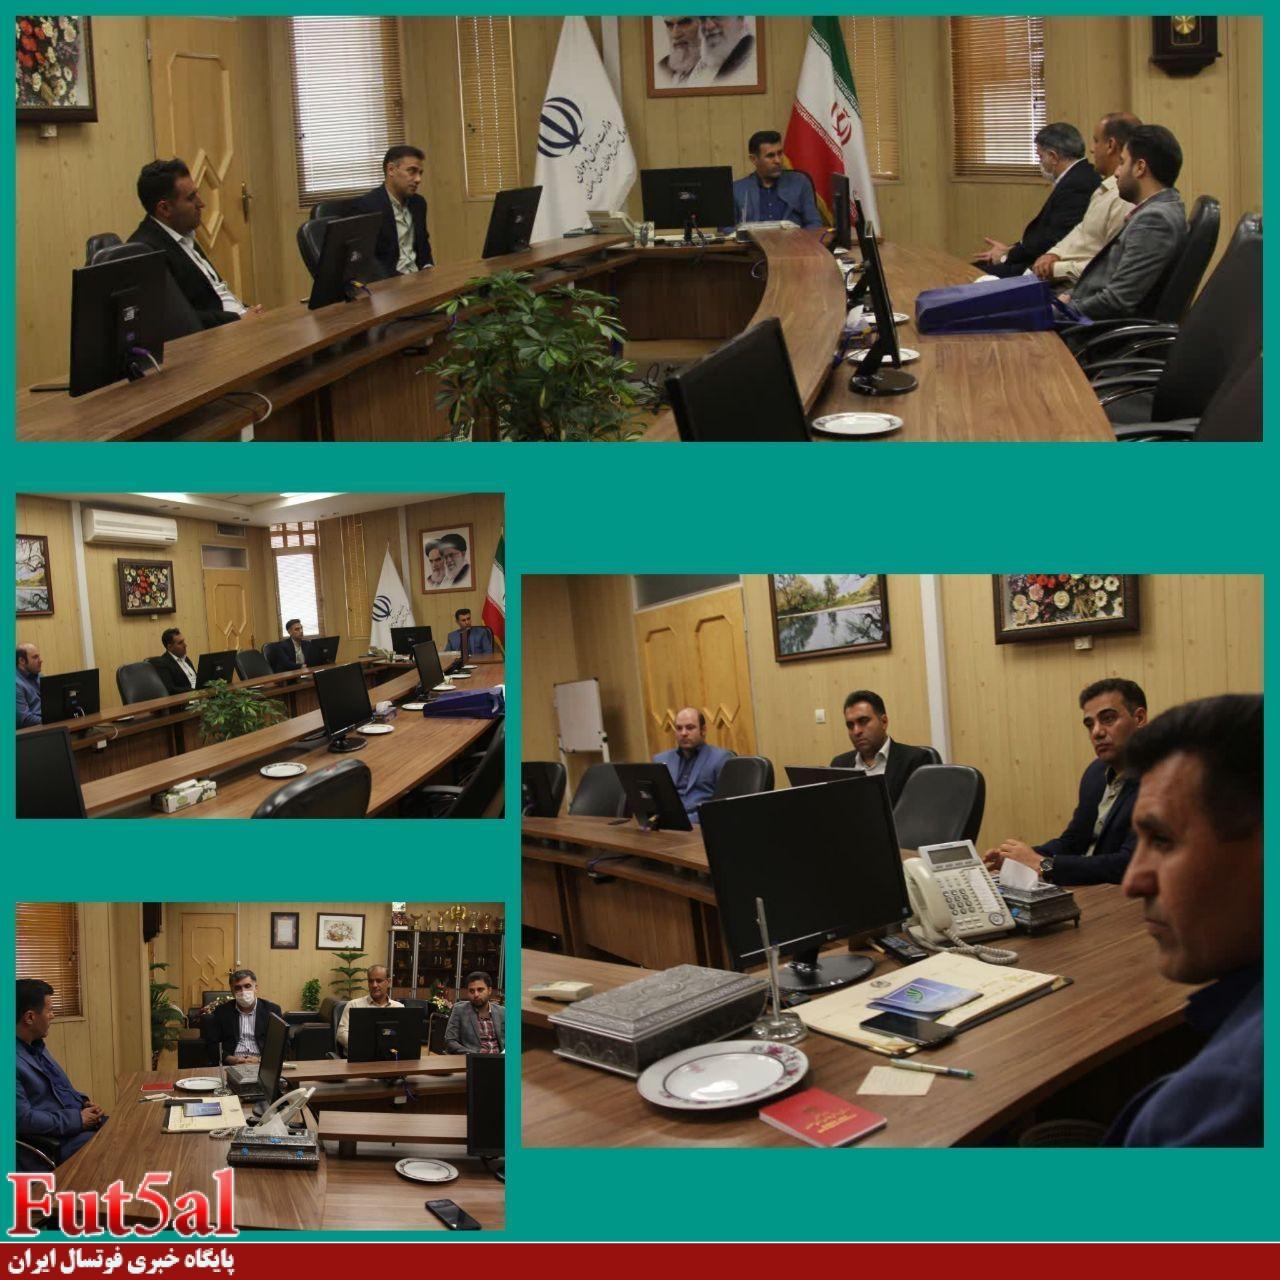 اختصاصی Fut5al/ نامی نو اصفهان با هدایت علی افضل در لیگ برتر؟